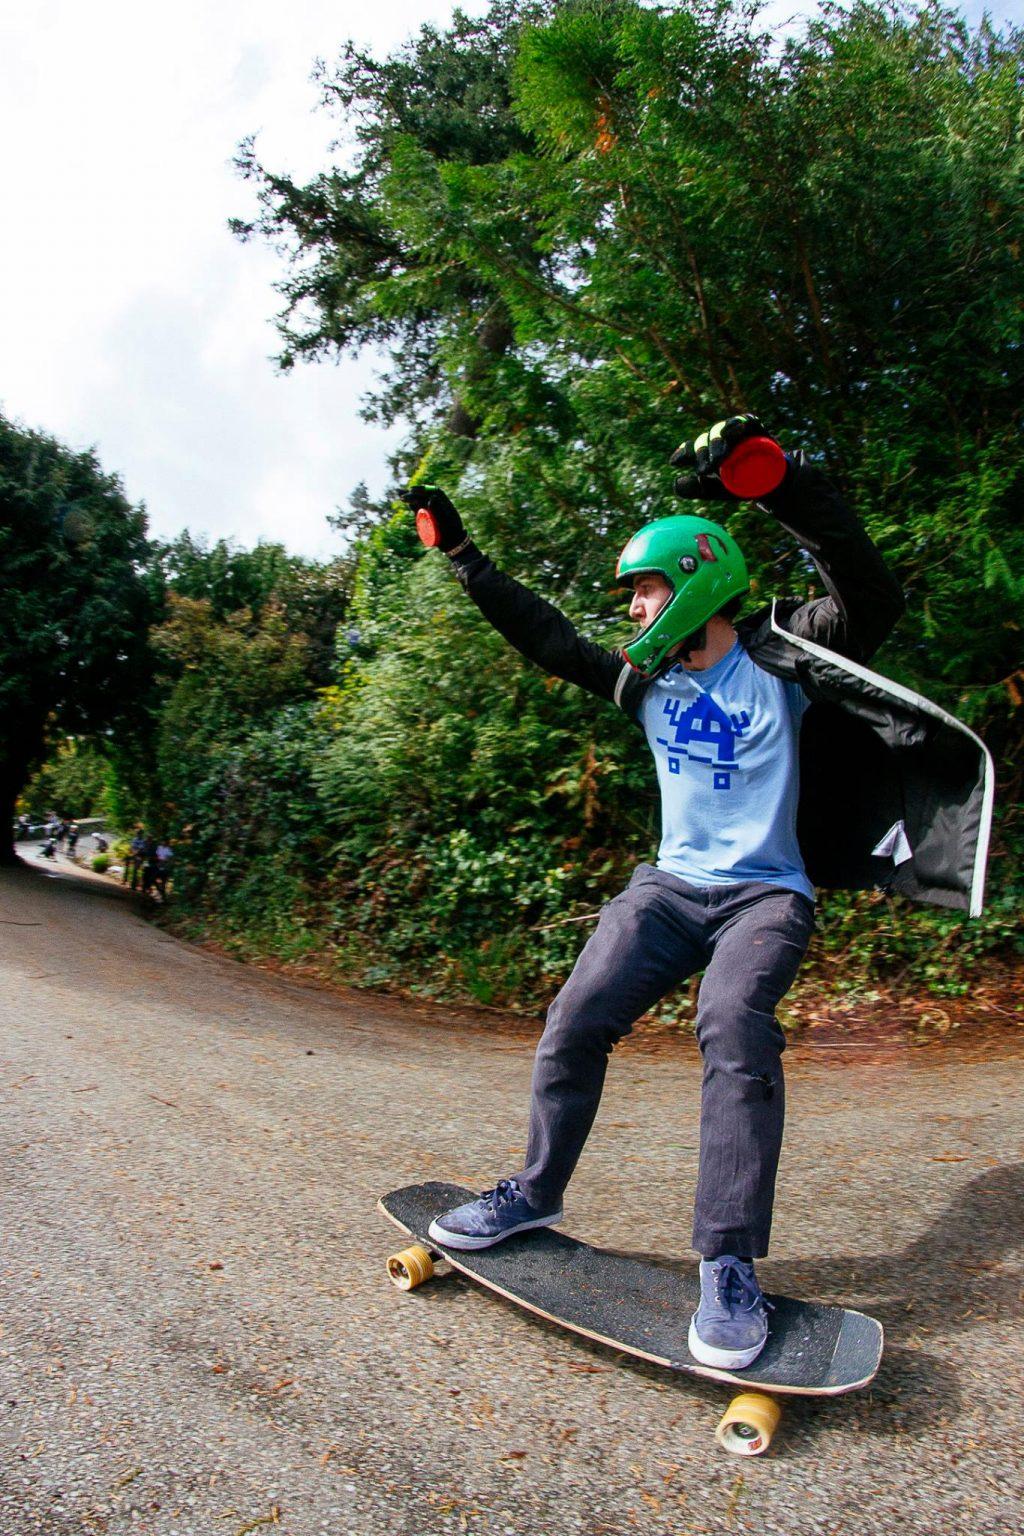 50-sam-galus-flatspot-longboards-valhalla-skateboards-higway-jam-highwayjamx-sho-ouellette-sho-stopper-longboarding